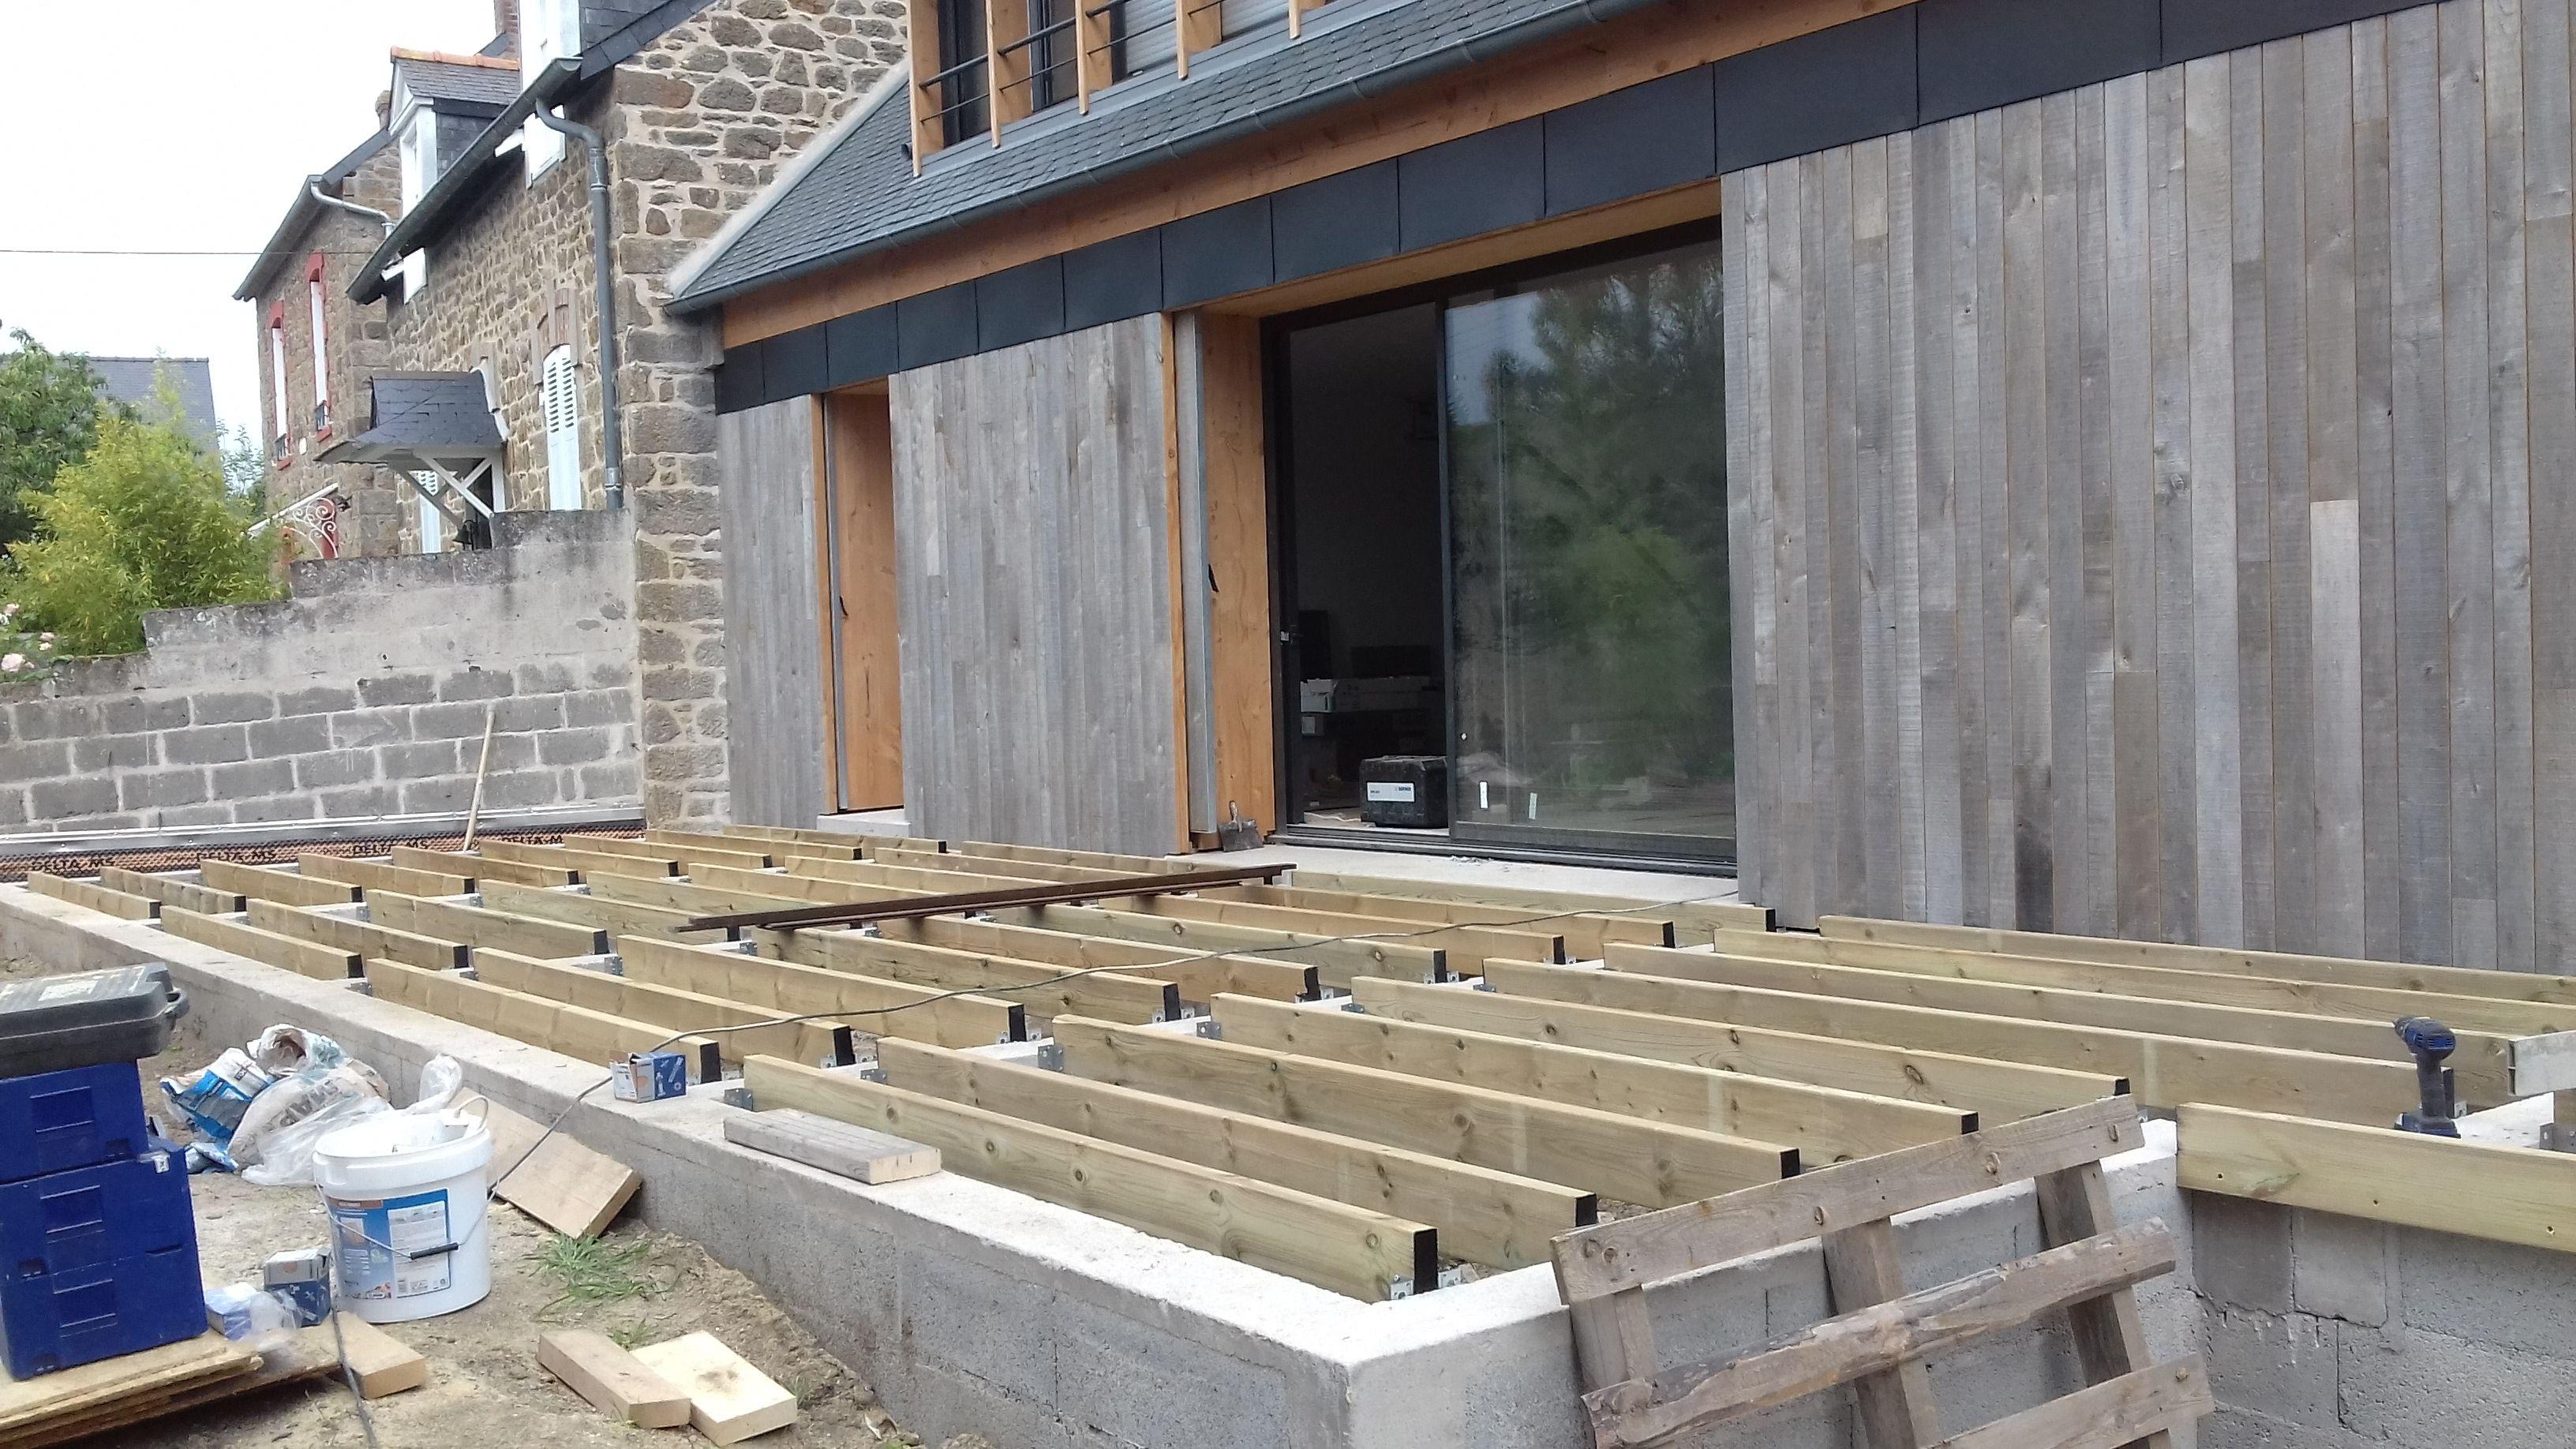 Vente U0026 Pose Du0027une Terrasse MOSO Bamboo Xtreme En BAMBOU Densifié  Comprenant La Mise En Place Du0027une Ossature Bois Composée De Bastaings Sur  Un Mur En ...